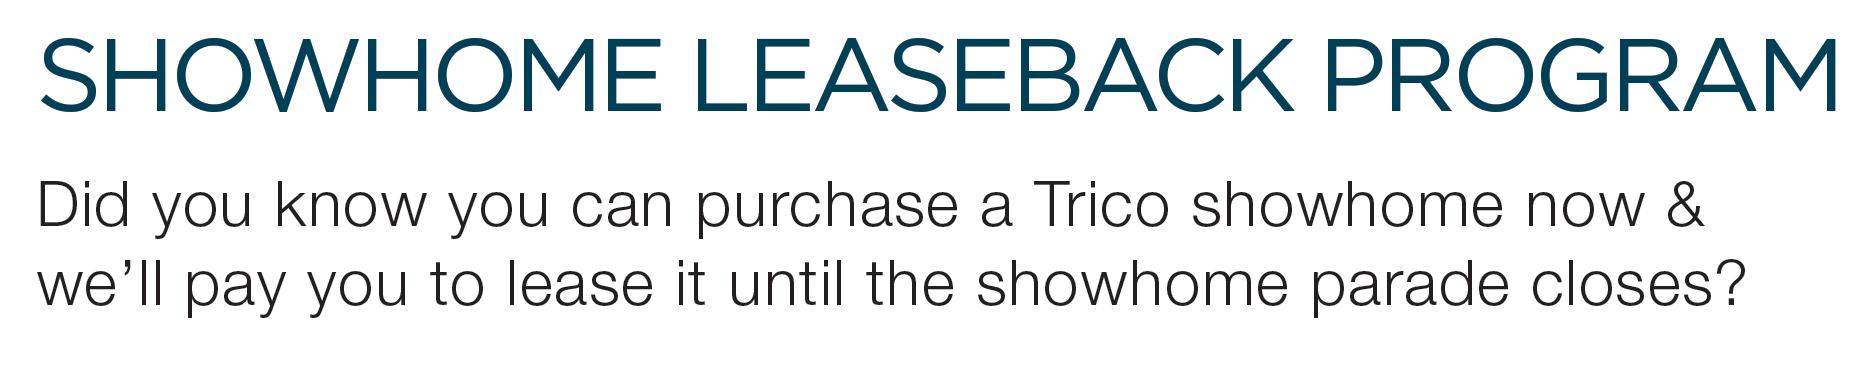 Trico Homes Showhome Leaseback Program